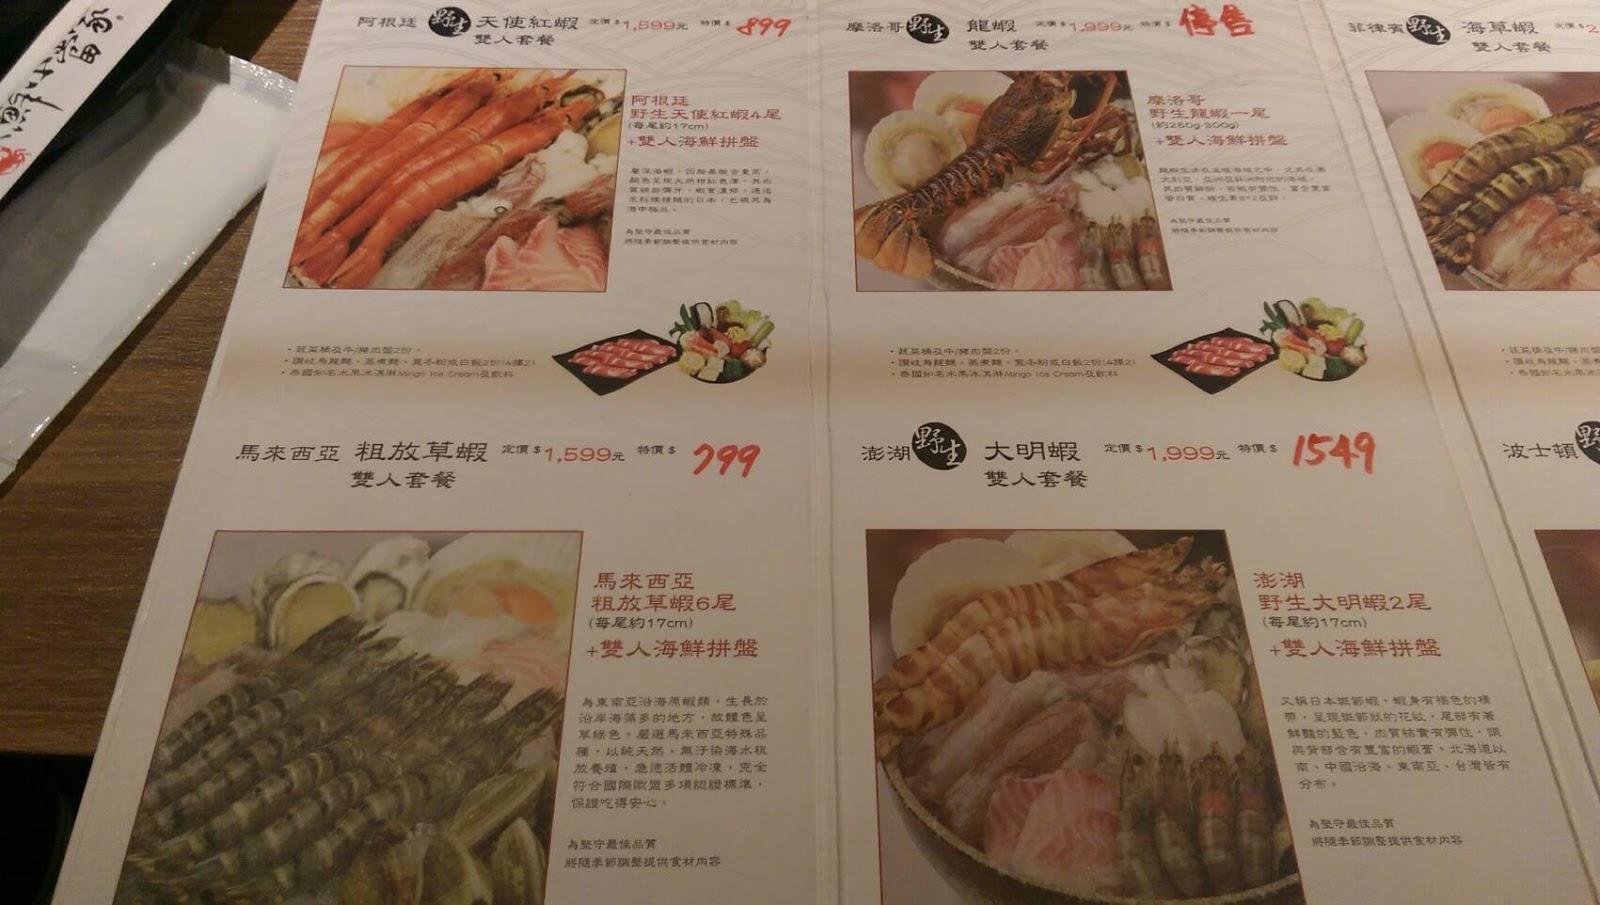 小當家海鮮鍋物 菜單